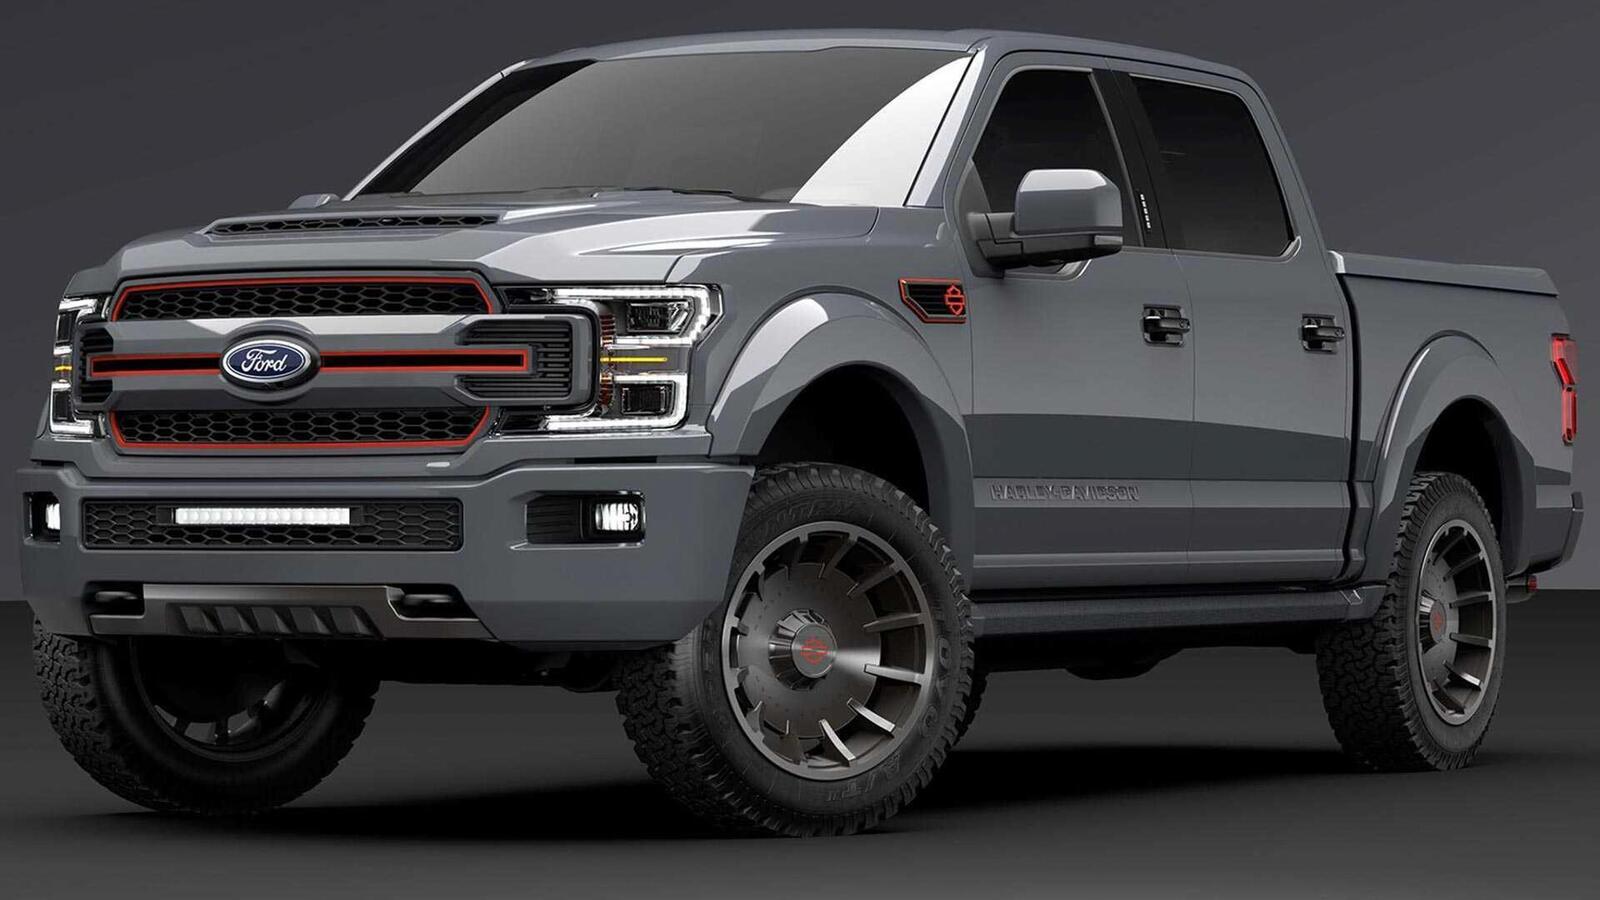 Bán tải Ford F-150 độ bởi hãng mô tô Harley-Davidson có giá bán từ 97.000 USD tại Mỹ - Hình 4